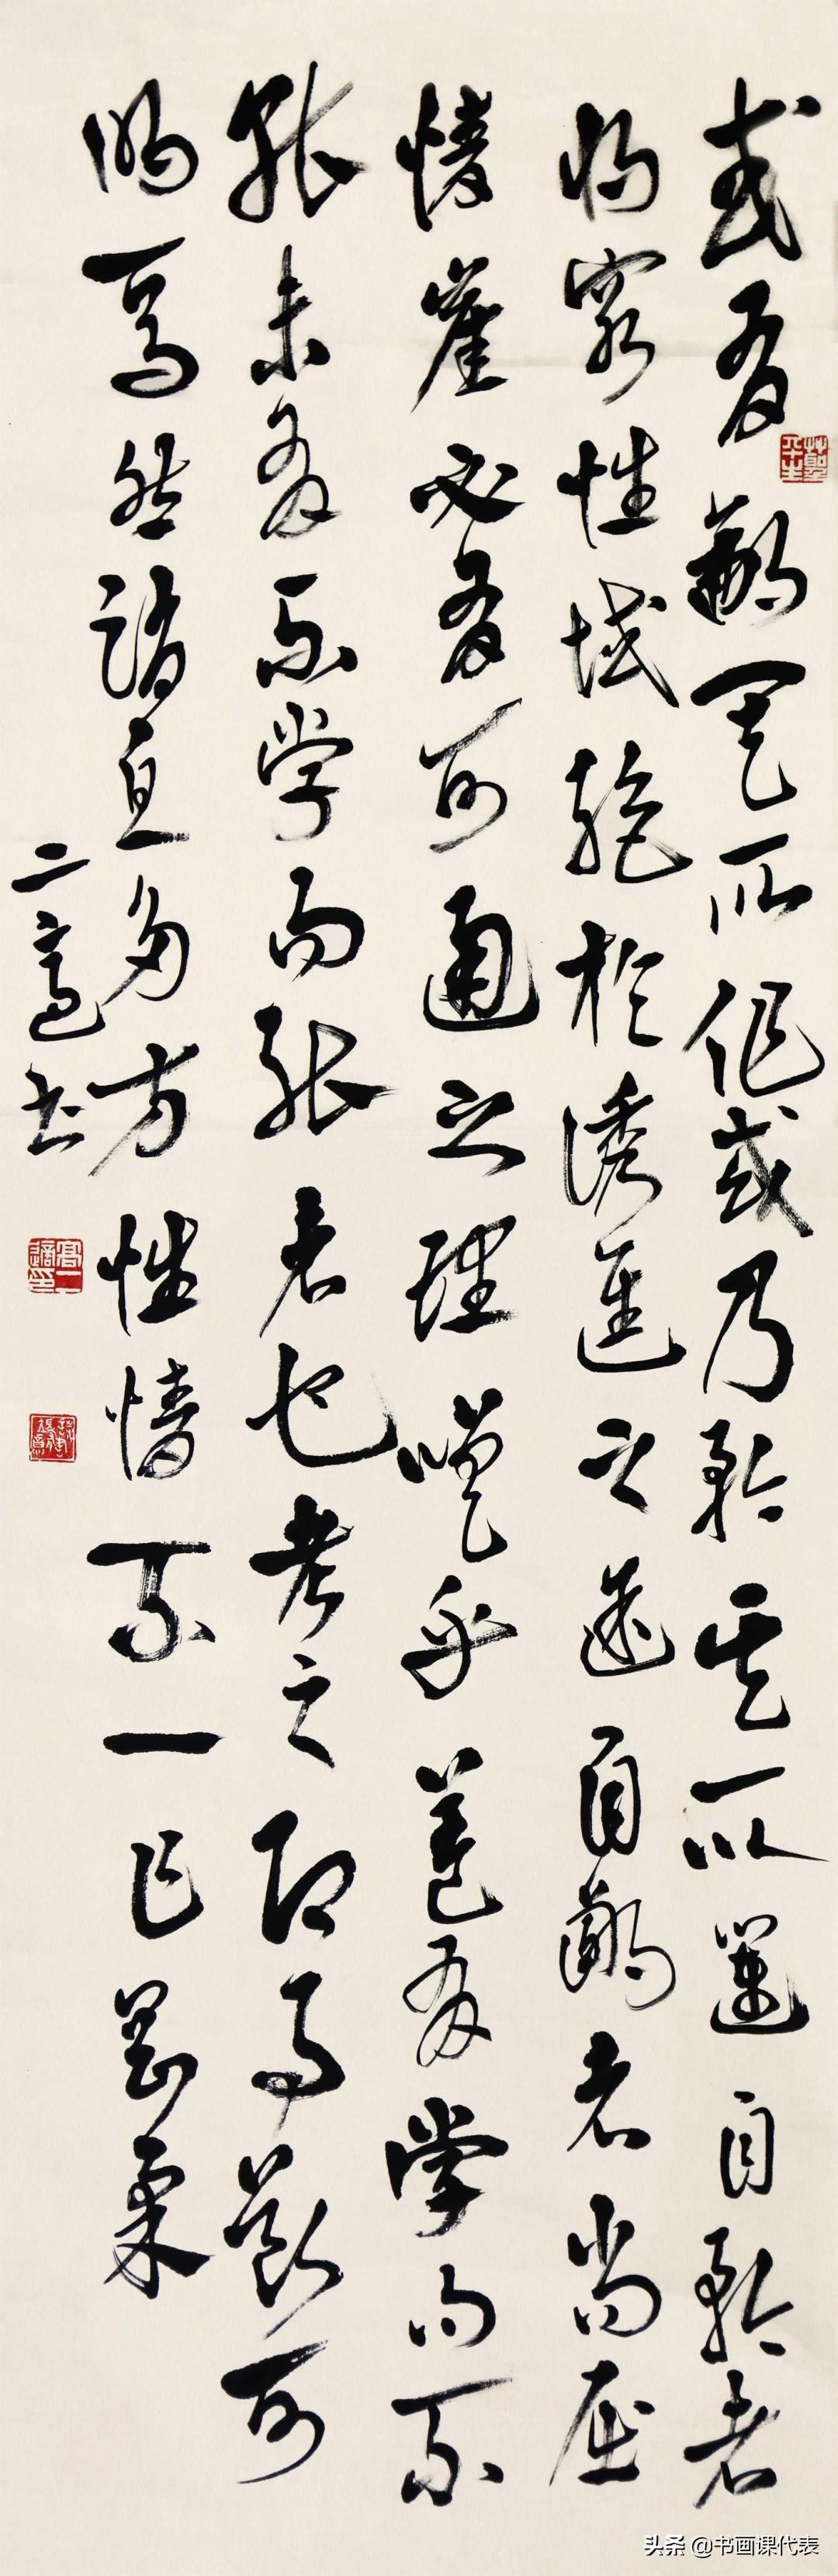 高二适的14幅草书名作欣赏:笔致古拙灵动、书风劲健绰约!好字